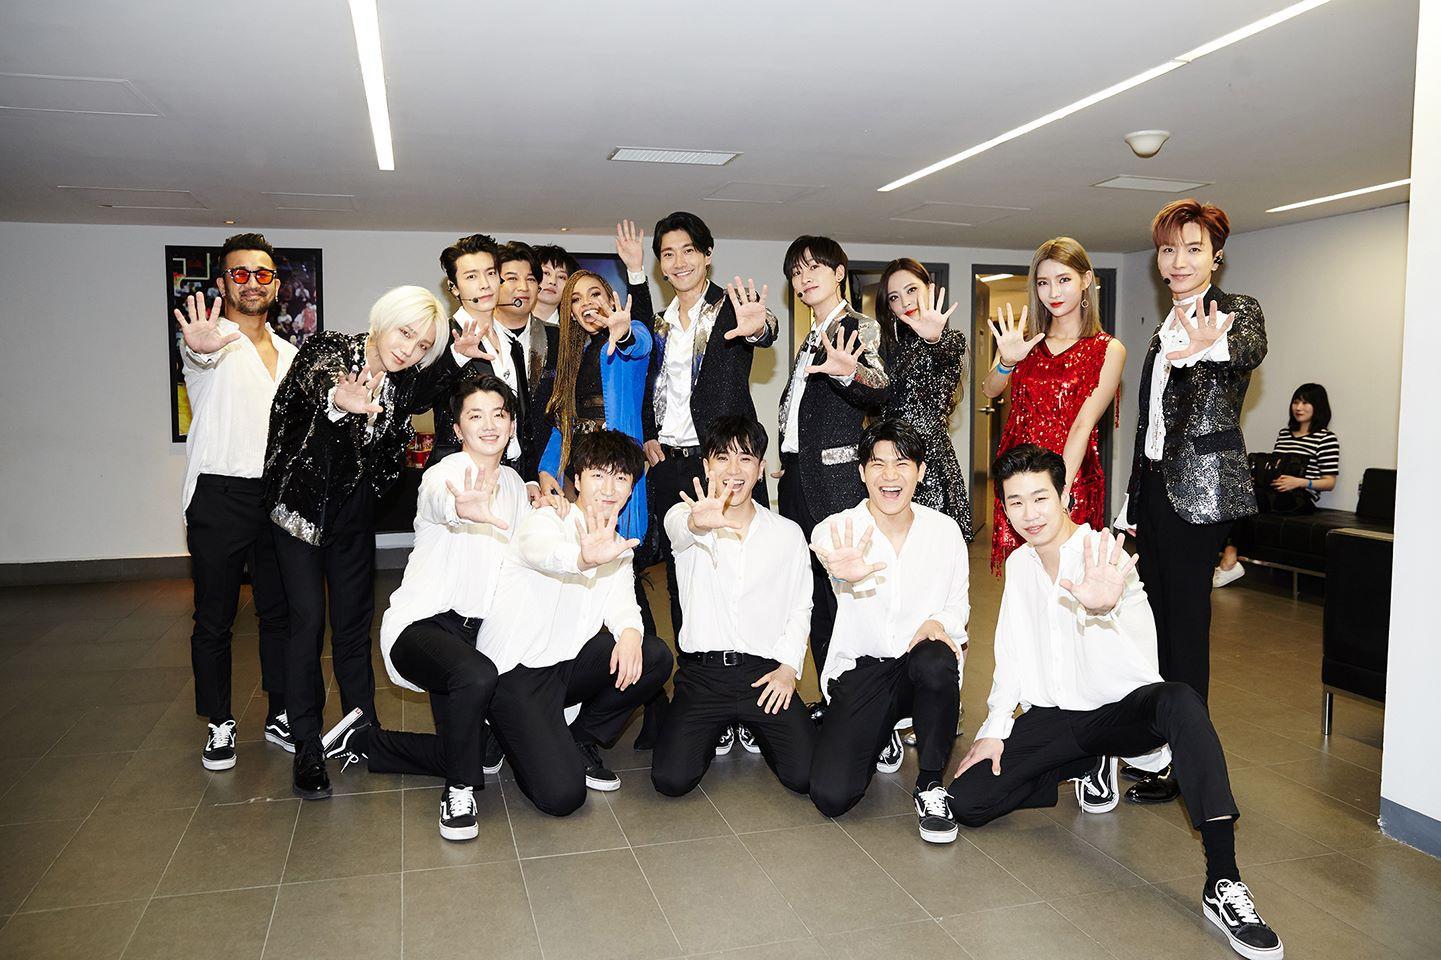 Super Junior cho fan ná thở với loạt ảnh lung linh từ tour thế giới - Ảnh 1.